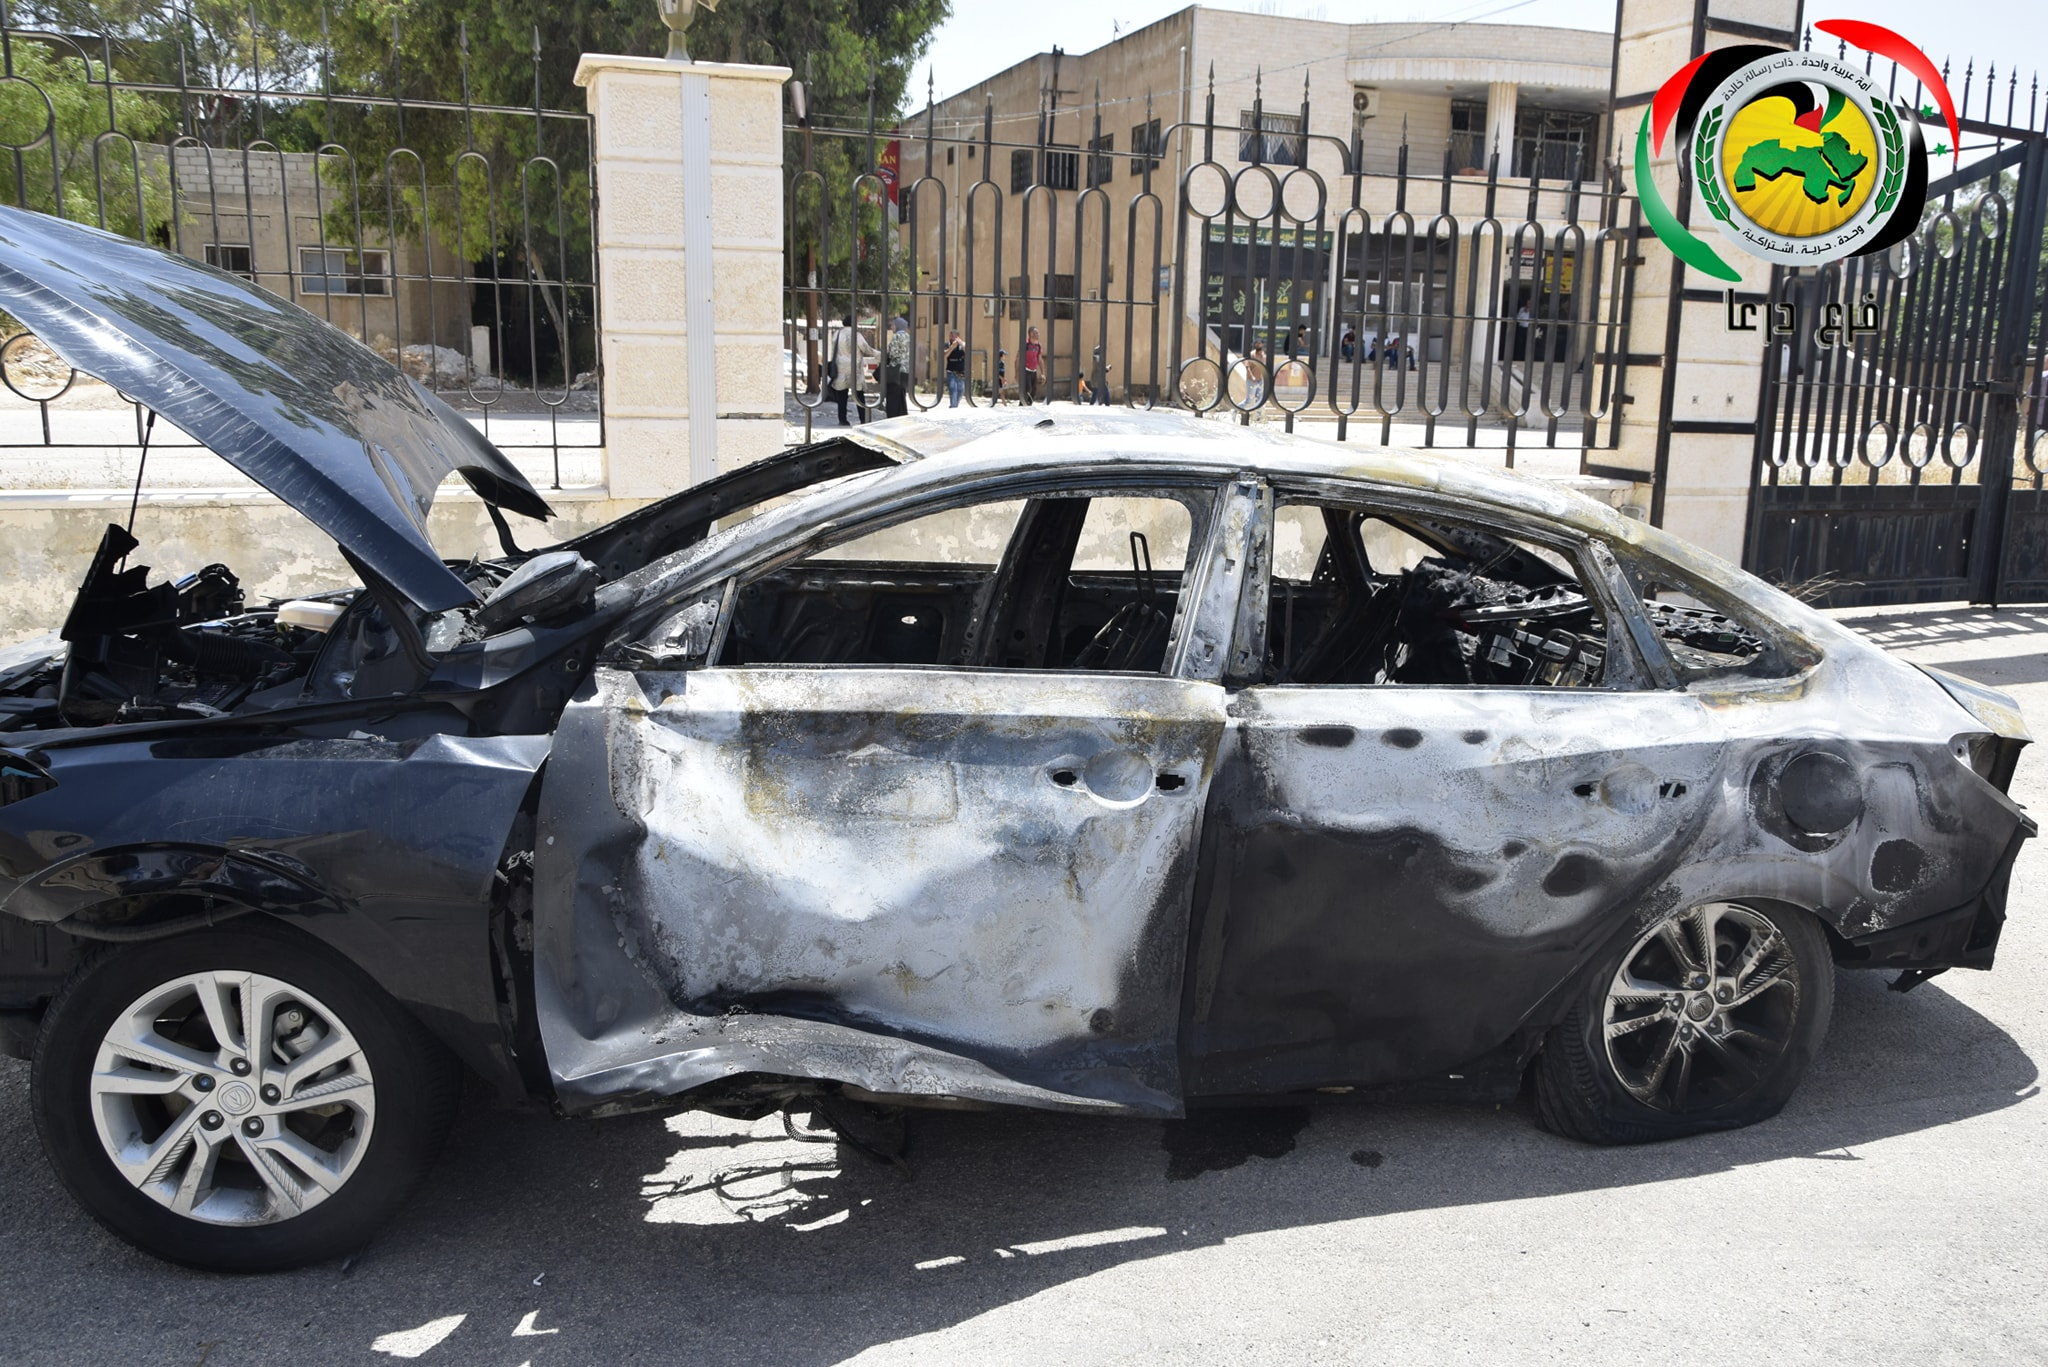 مقتل عنصر من فرقة الهندسة أثناء تفكيك عبوة زرعت بسيارة مسؤول بعثي في درعا